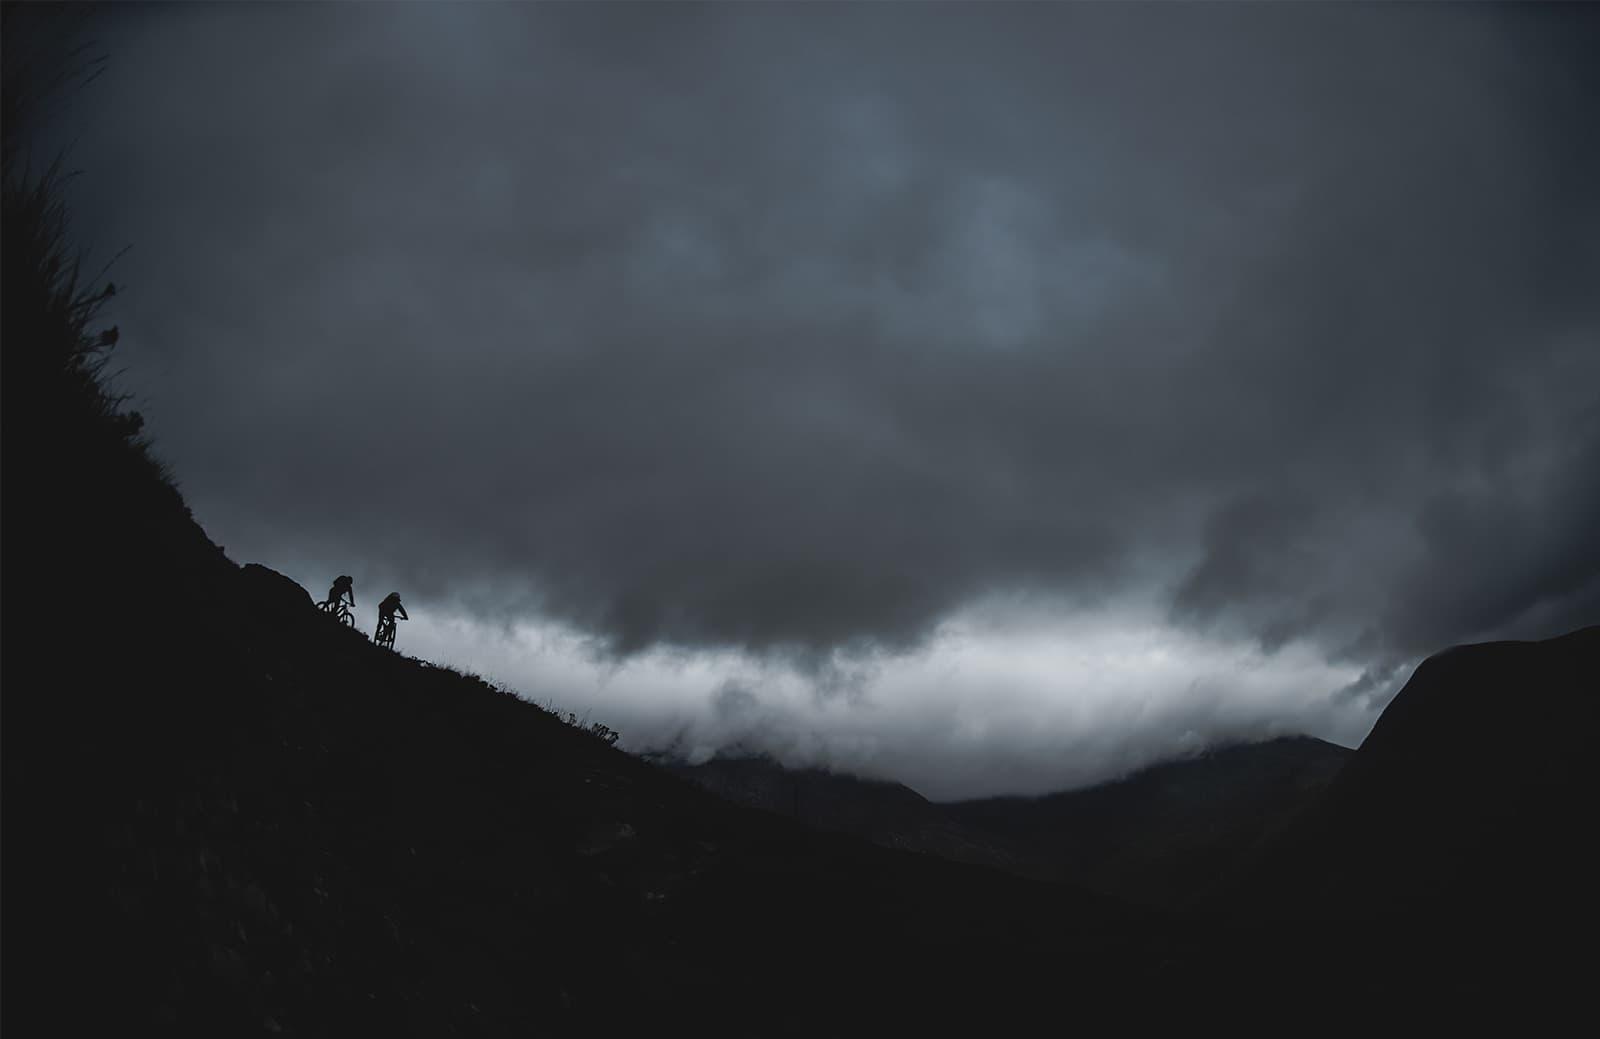 The Darker Side of Skye